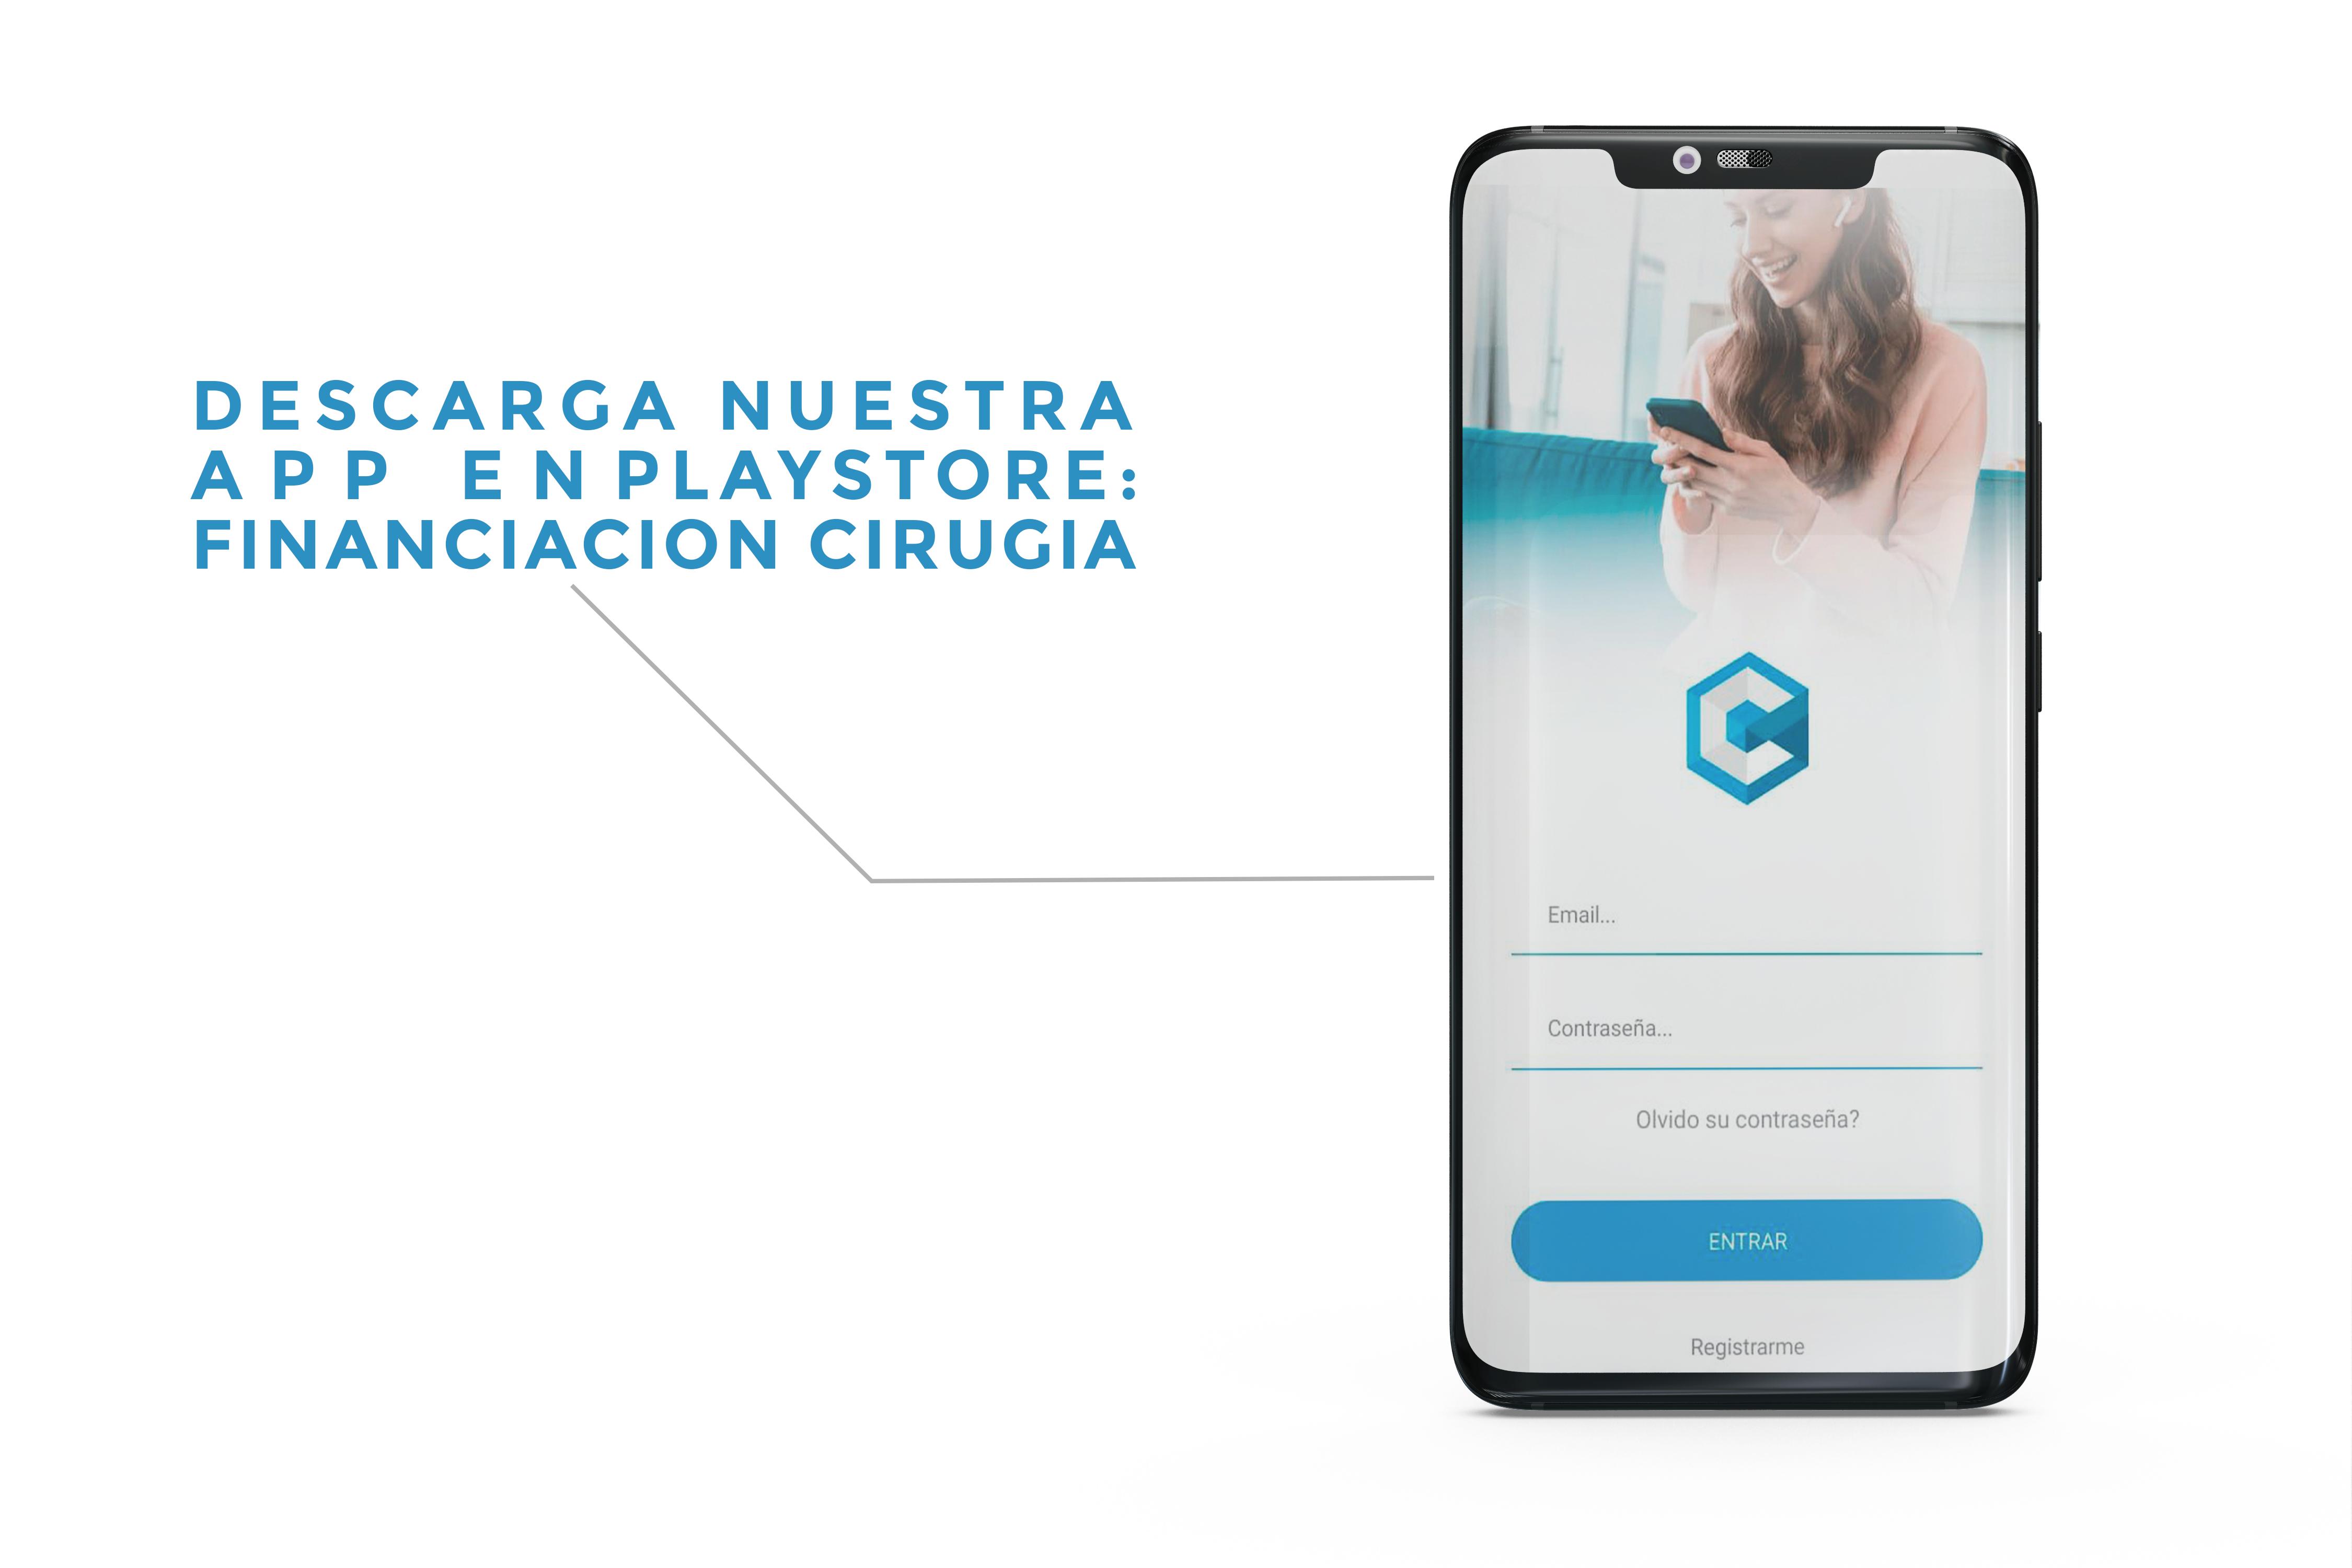 https://cirufacil.com/wp-content/uploads/2020/12/Descarga-nuestra-app.png